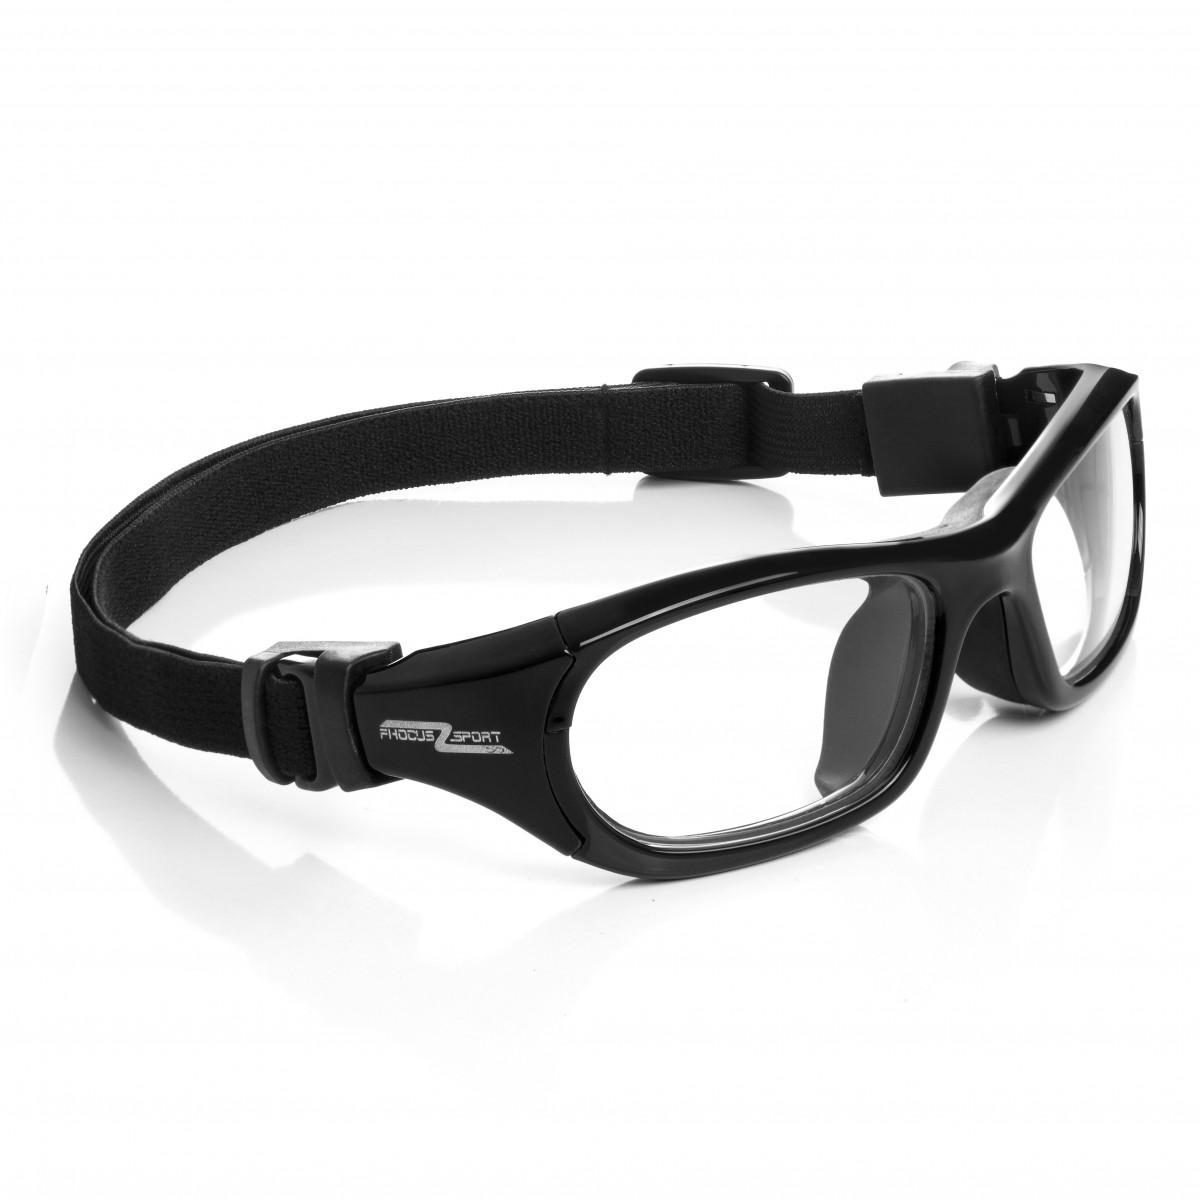 6a22957a3 Óculos para jogar futebol fhocus sports - Esporte Visão